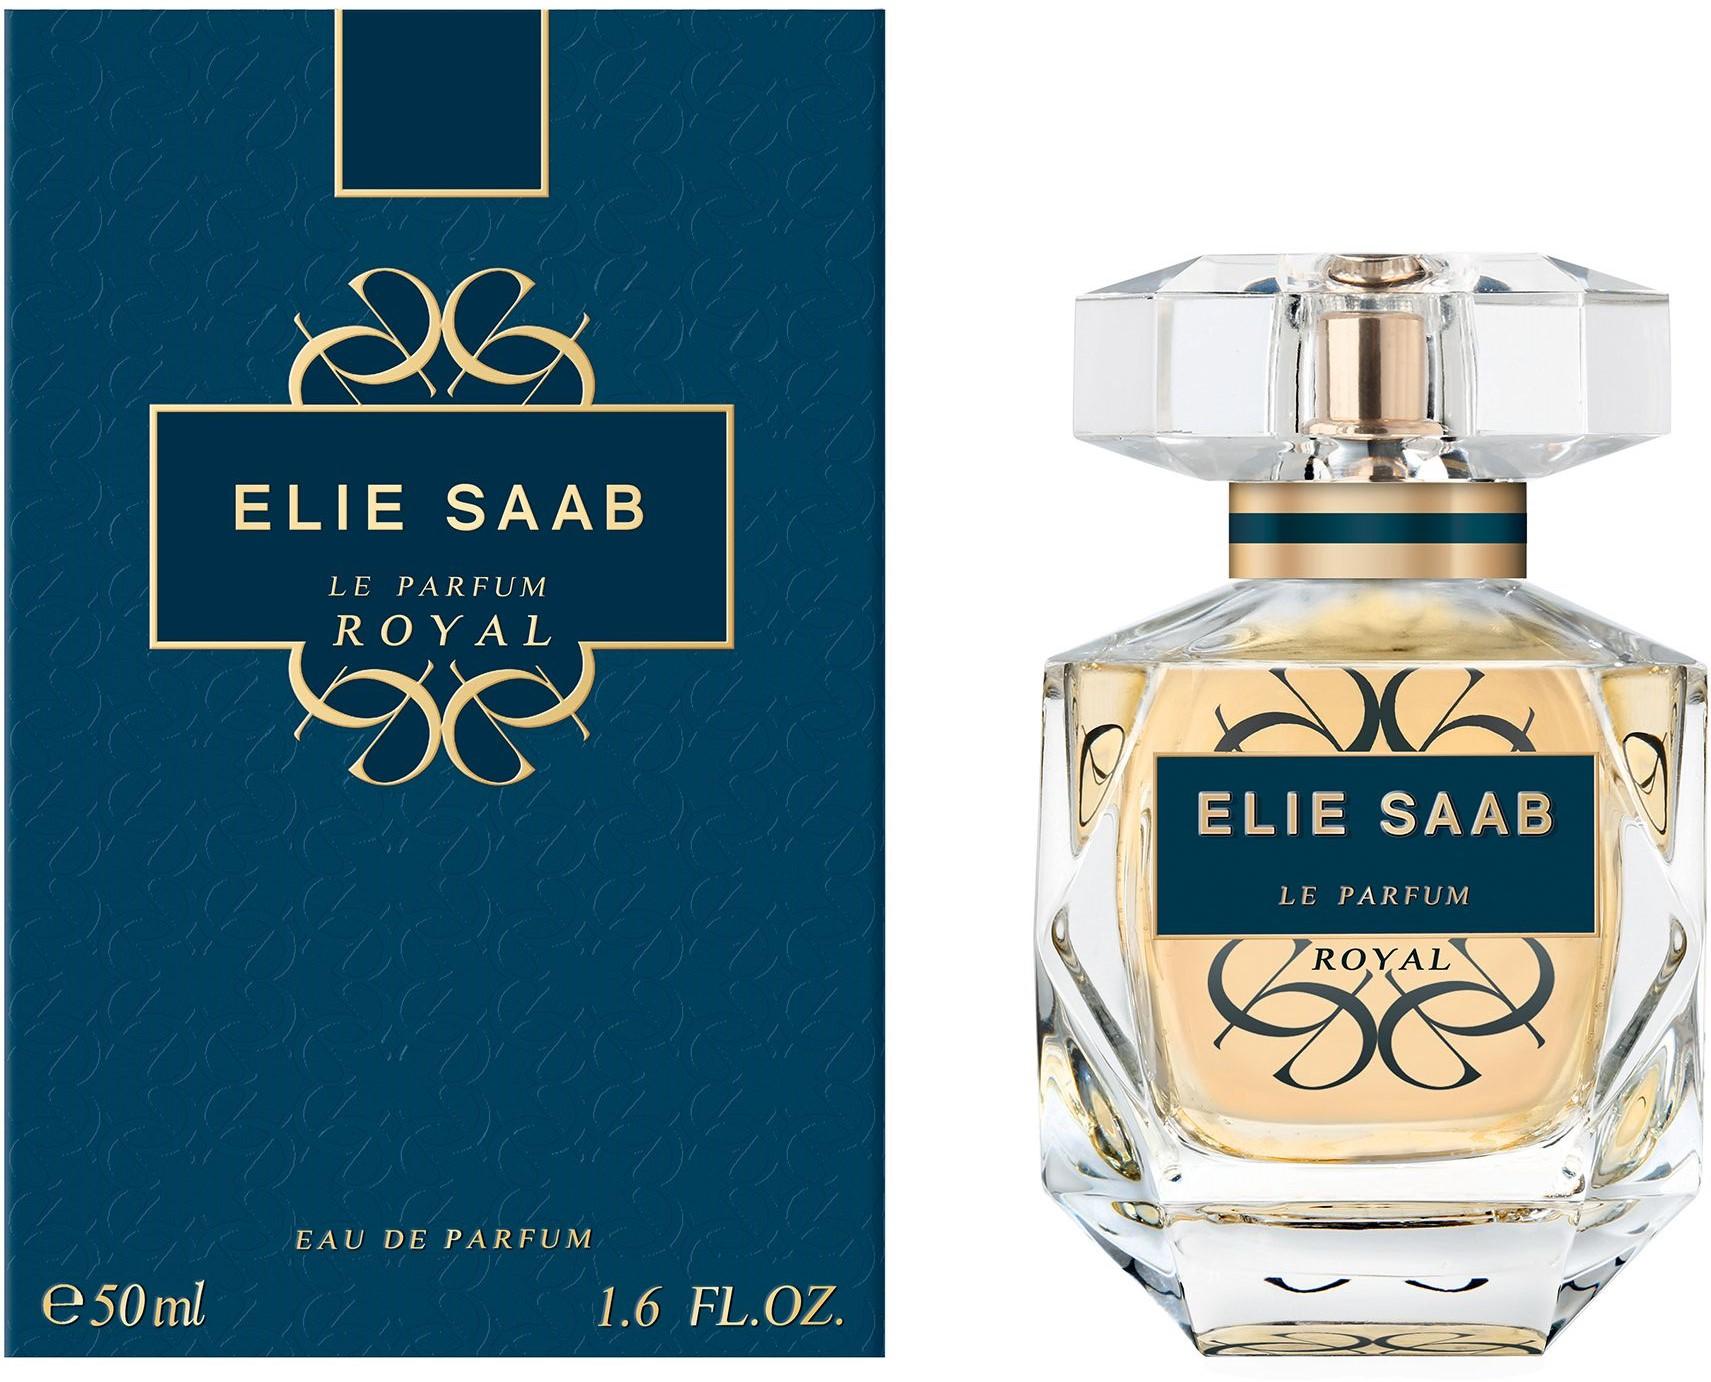 Le Parfum Royale Eau de Parfum